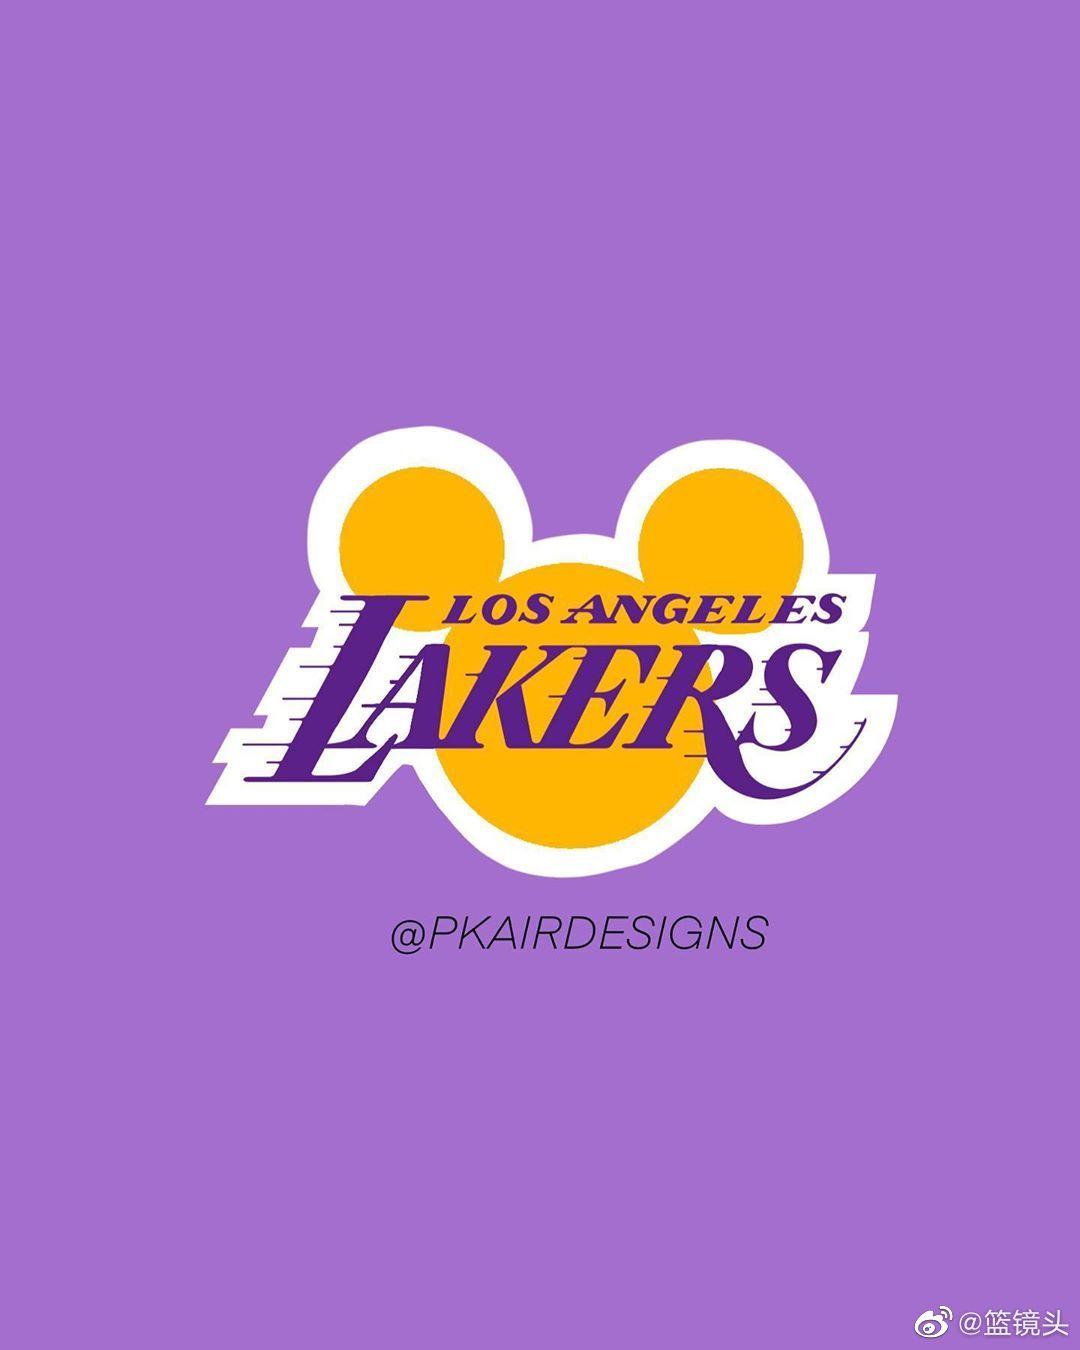 无缝对接的感觉!当NBA队标融合迪士尼文化,这创意棒棒的